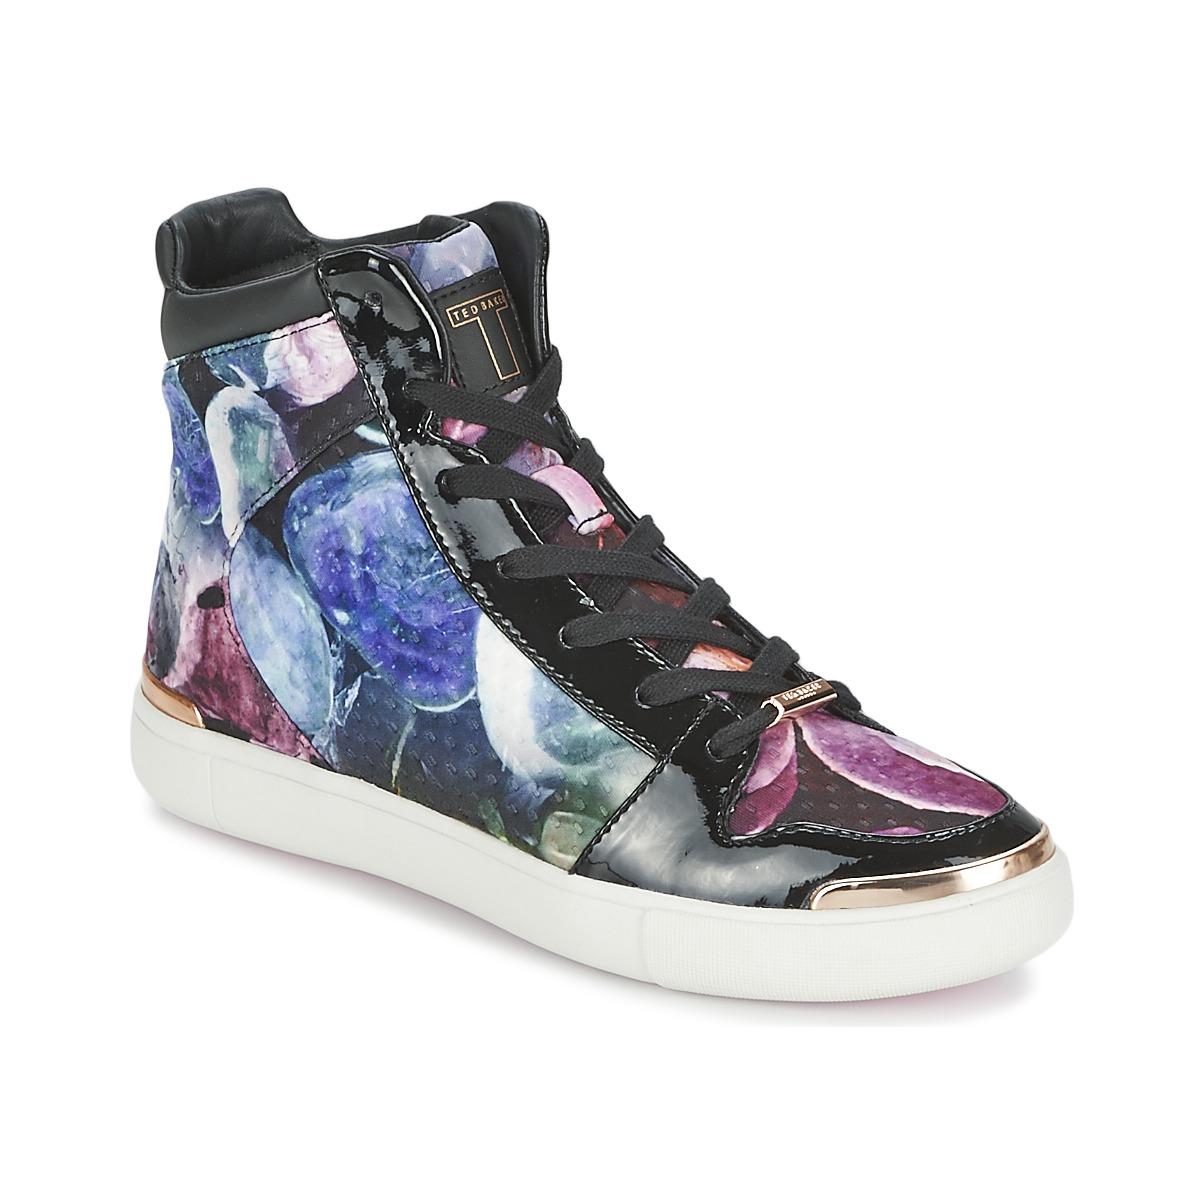 Ted Baker MADISN Schwarz / Multifarben - Kostenloser Versand bei Spartoode ! - Schuhe Sneaker High Damen 89,40 €